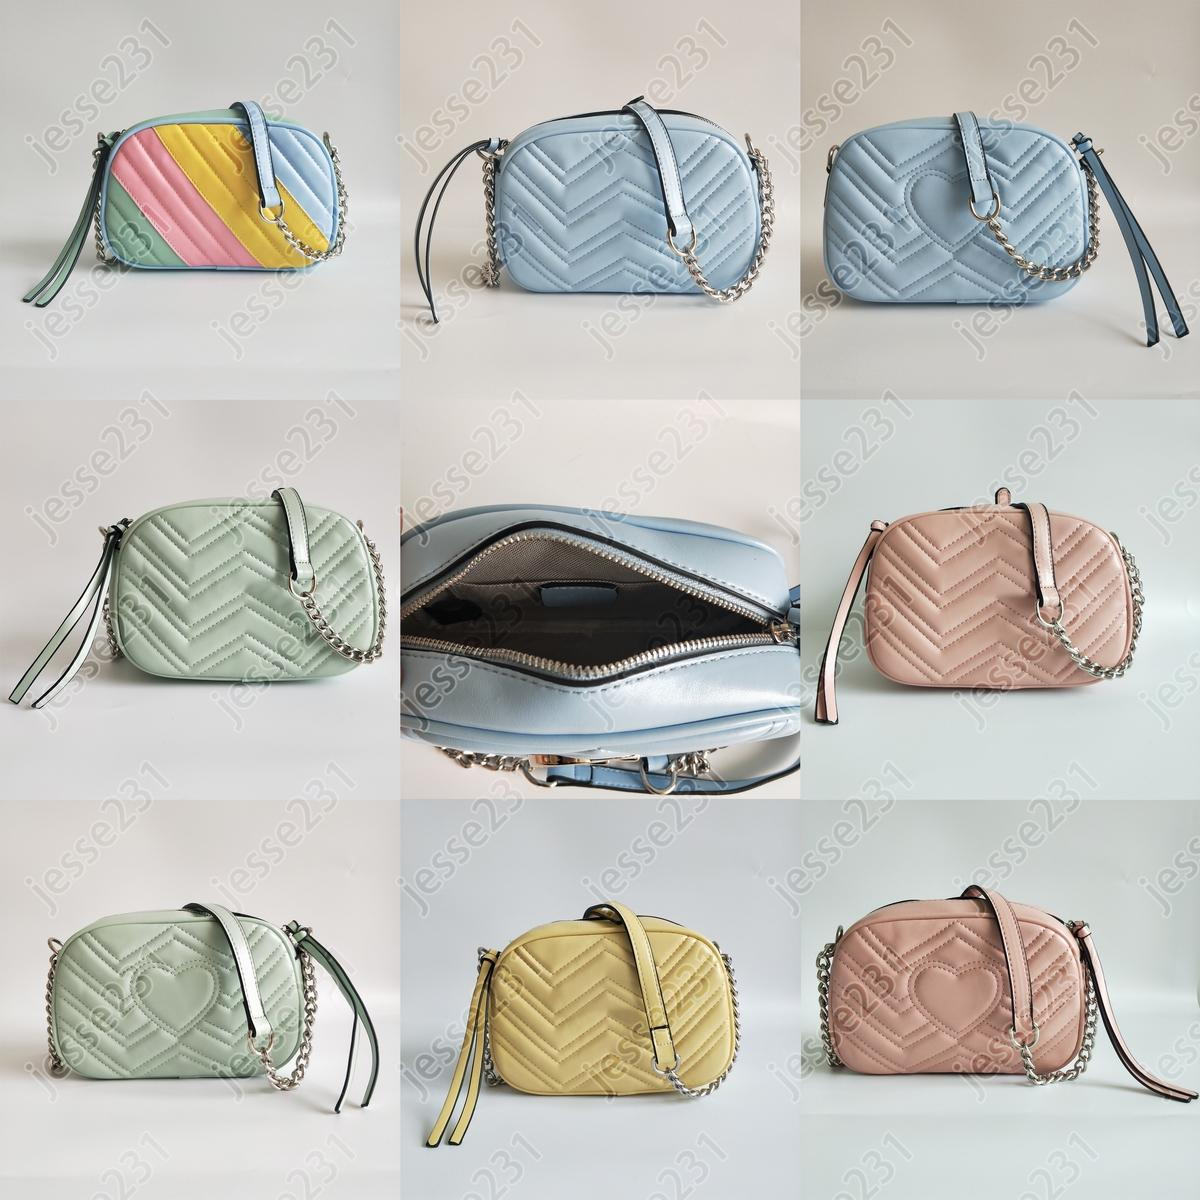 Top Quality New Style Marmont Mulheres Bolsas prata cadeia de Bolsas de Ombro Crossbody Soho Bag Disco Messenger Bag Bolsa 7colors carteira no estoque